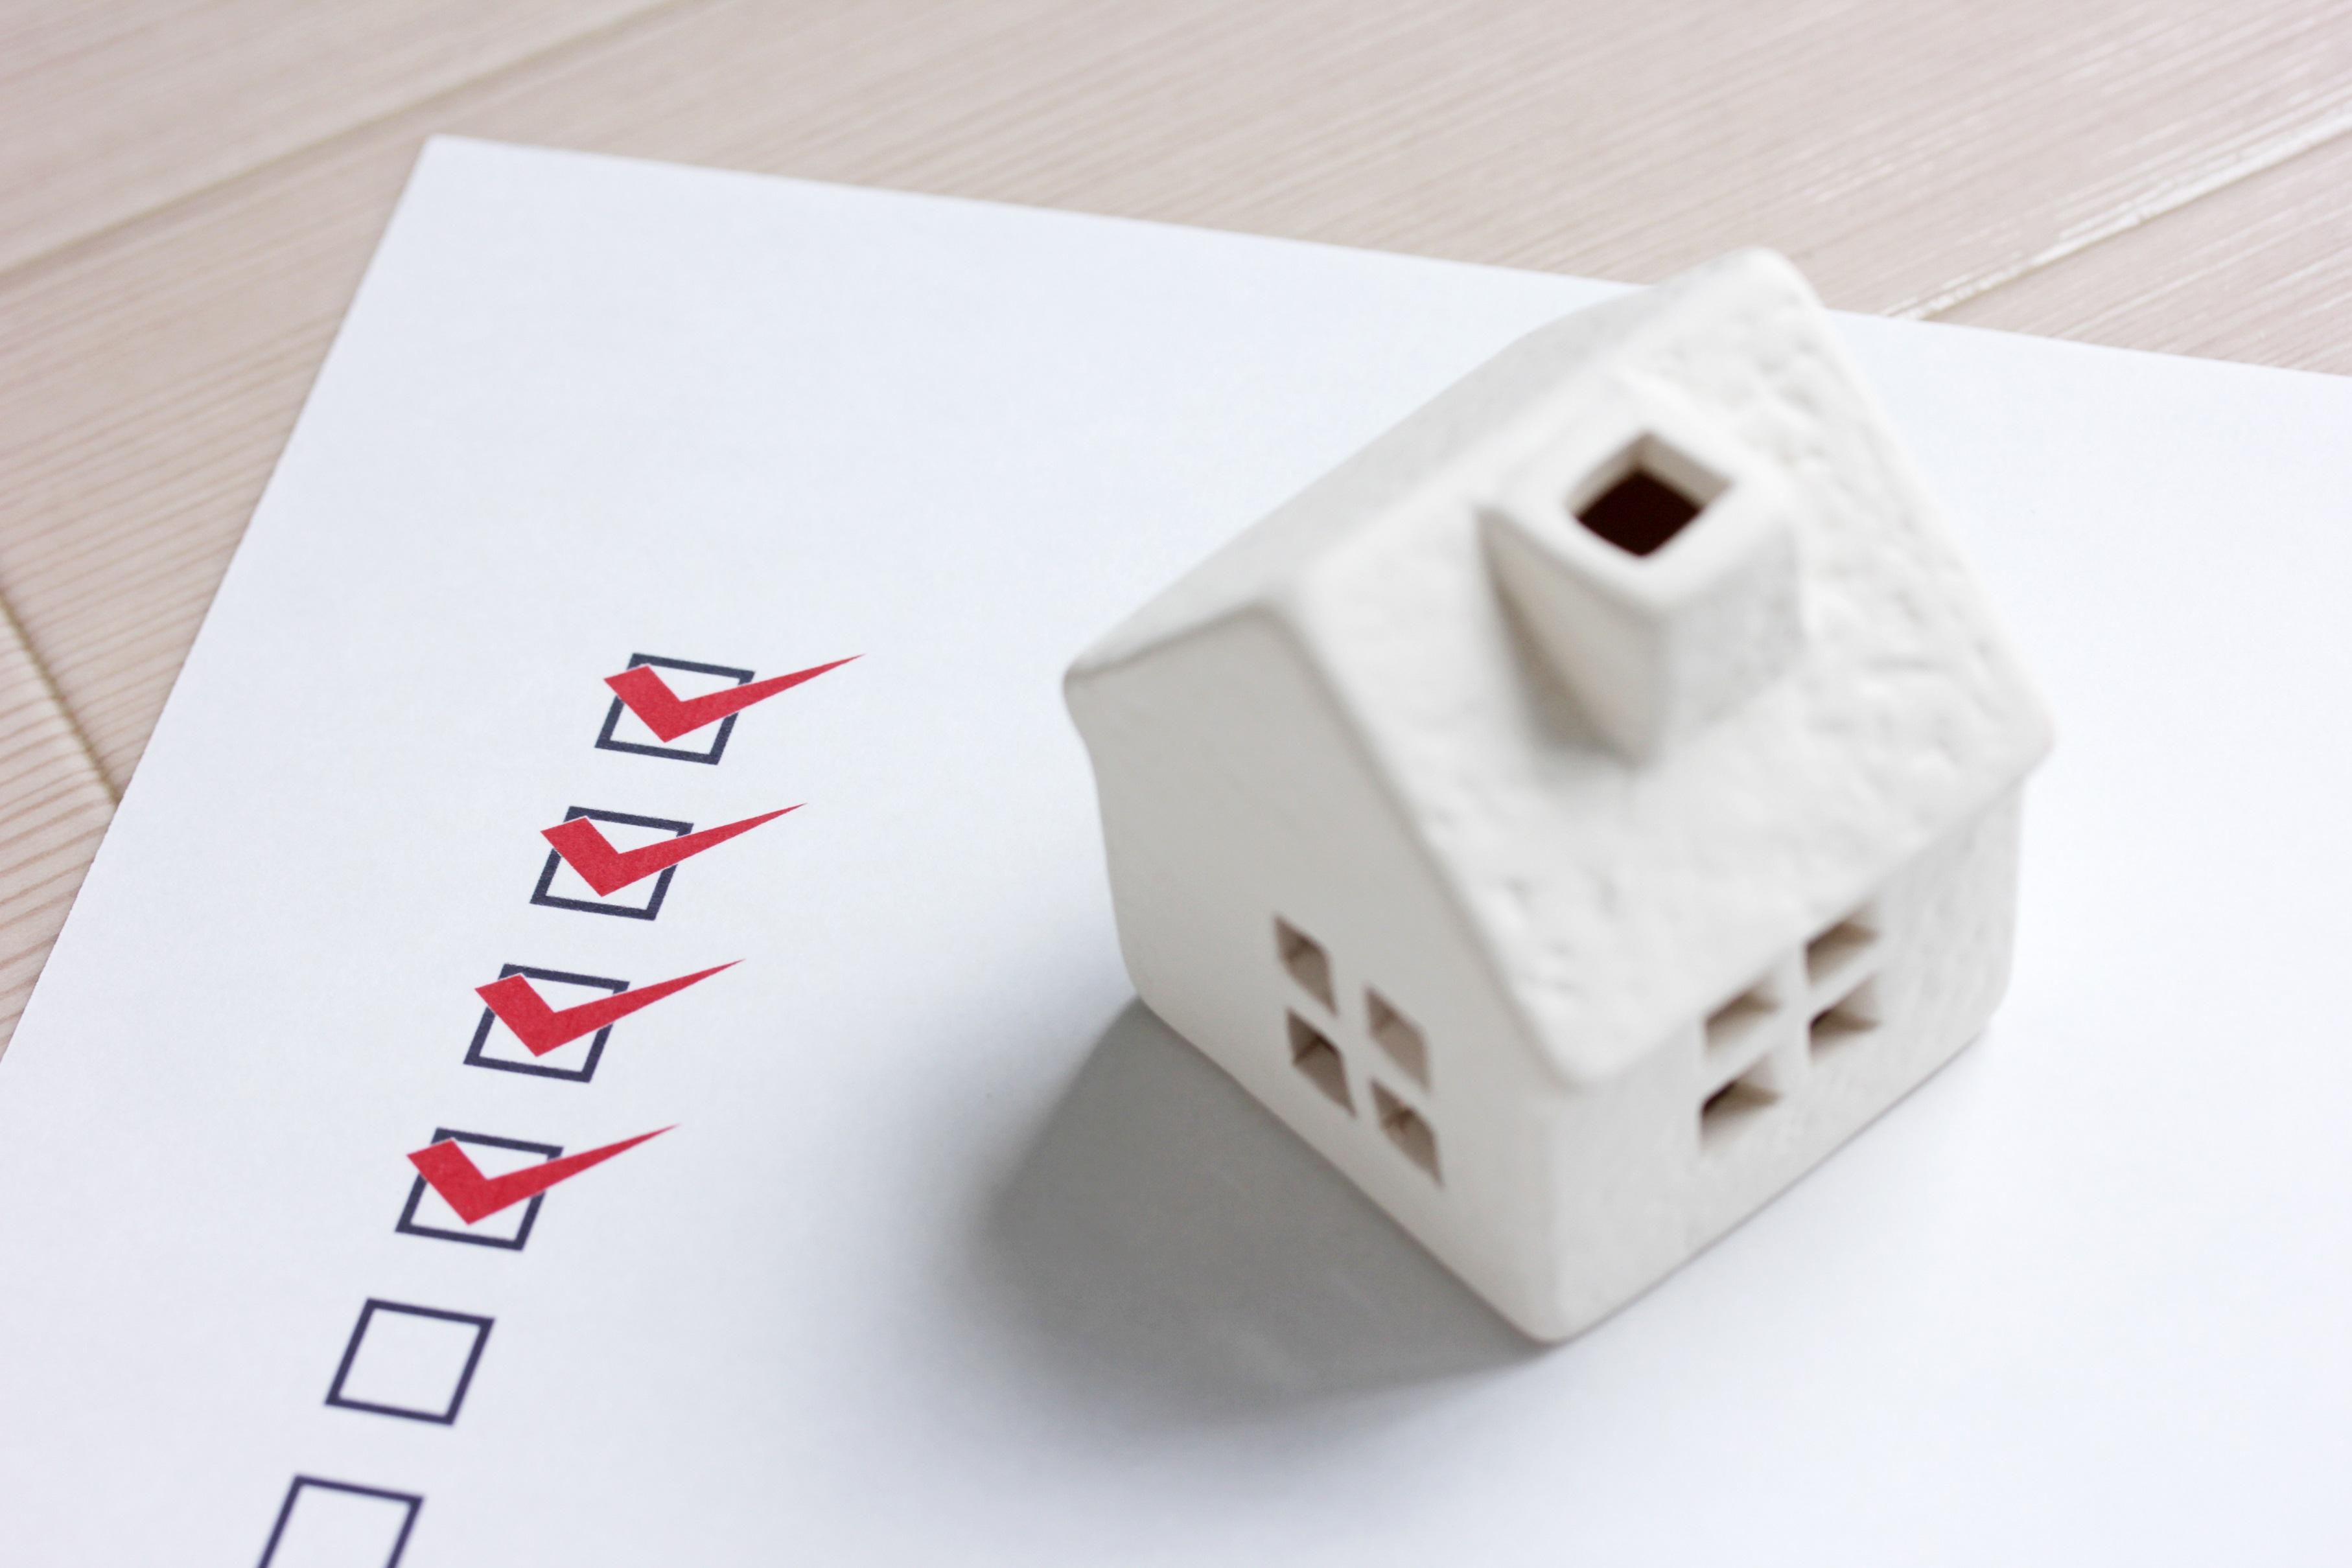 住宅のチェック方法